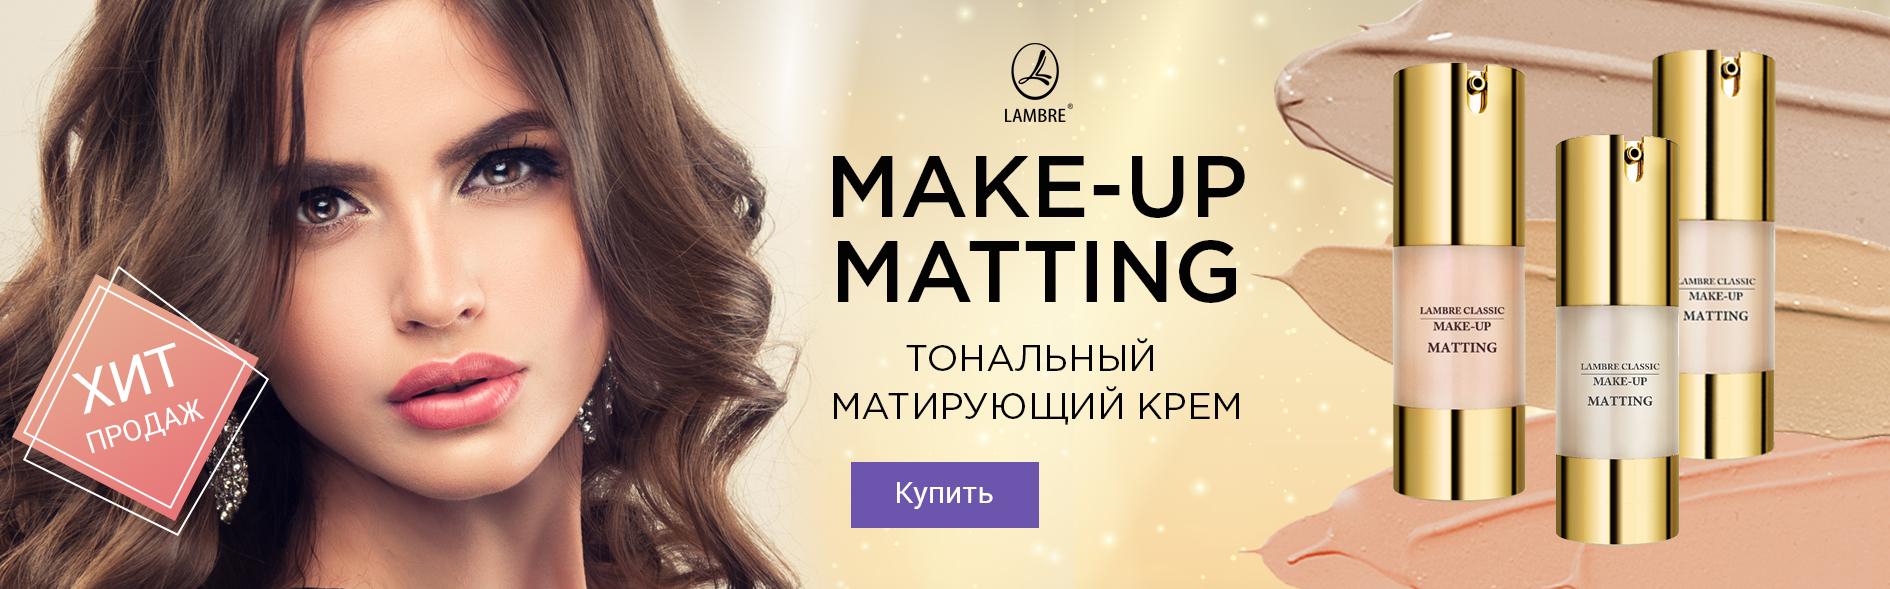 MATTING MAKE UP ТОНАЛЬНЫЙ МАТИРУЮЩИЙ КРЕМ Ламбре